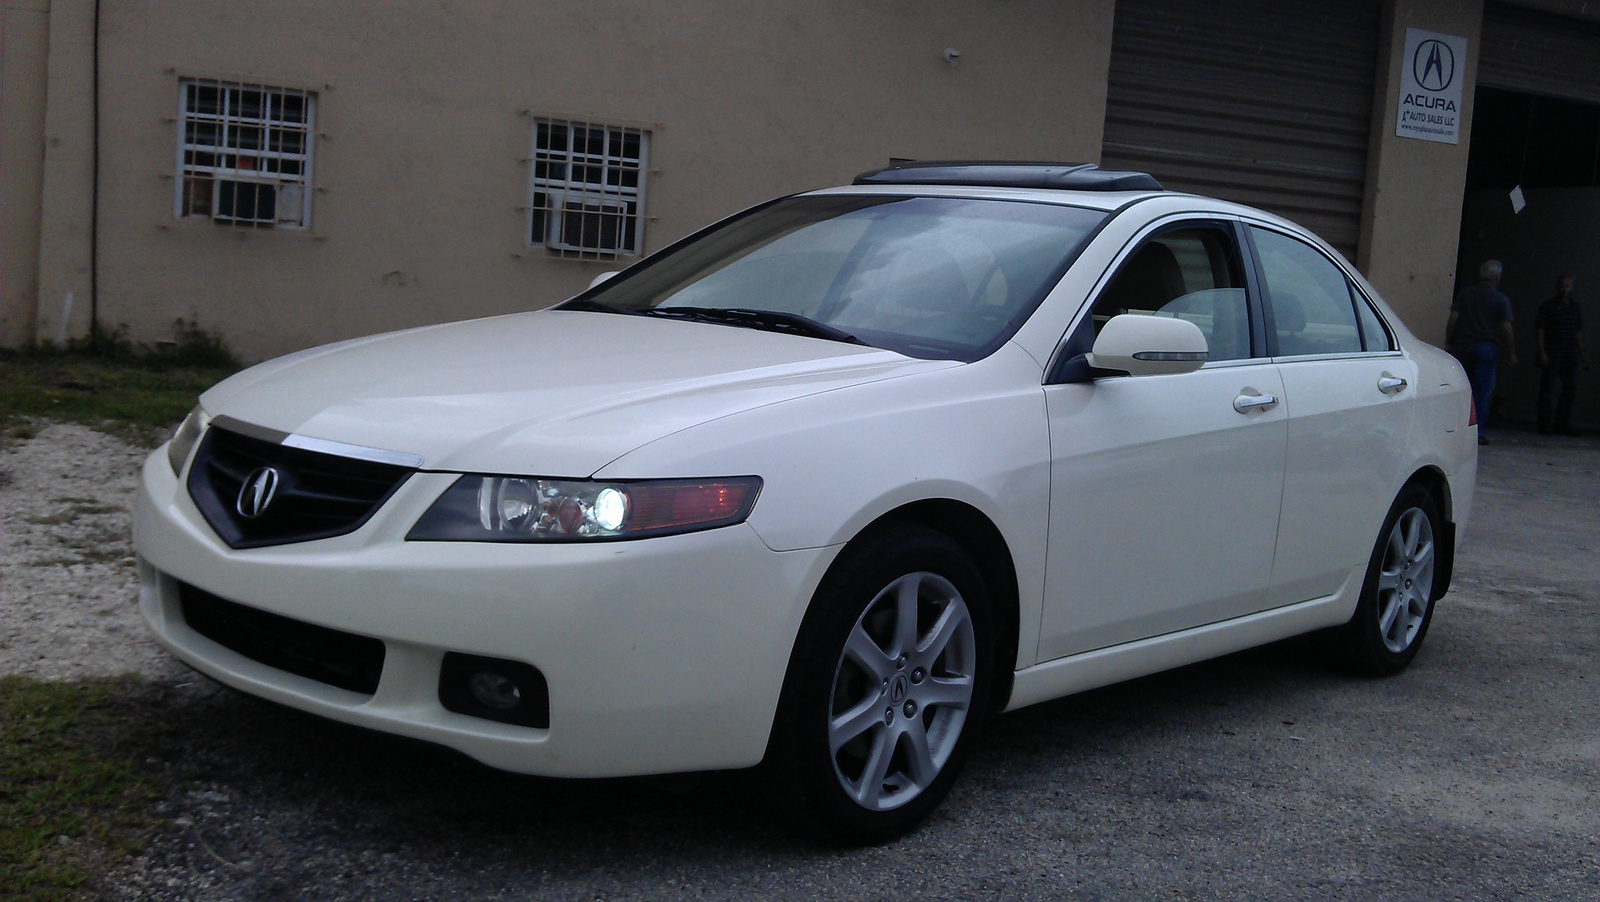 2004 Acura Tsx Pictures Cargurus